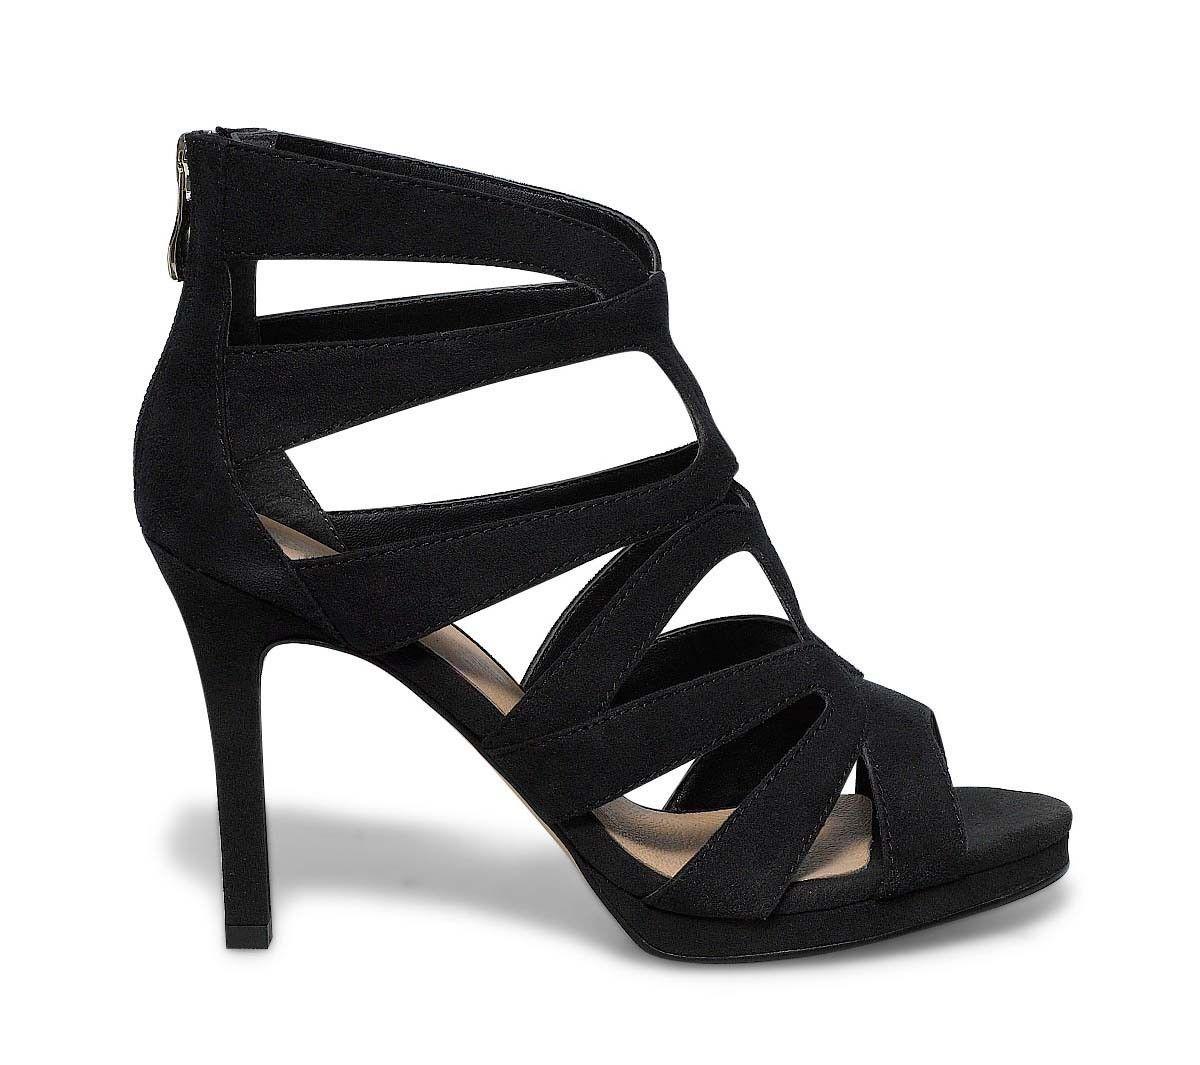 Chaussures ouvertes à talons de 10 cm et petit plateau à l'avant de 1 cm.  Fermeture à glissière au niveau du talon et tige de 9 cm environ.